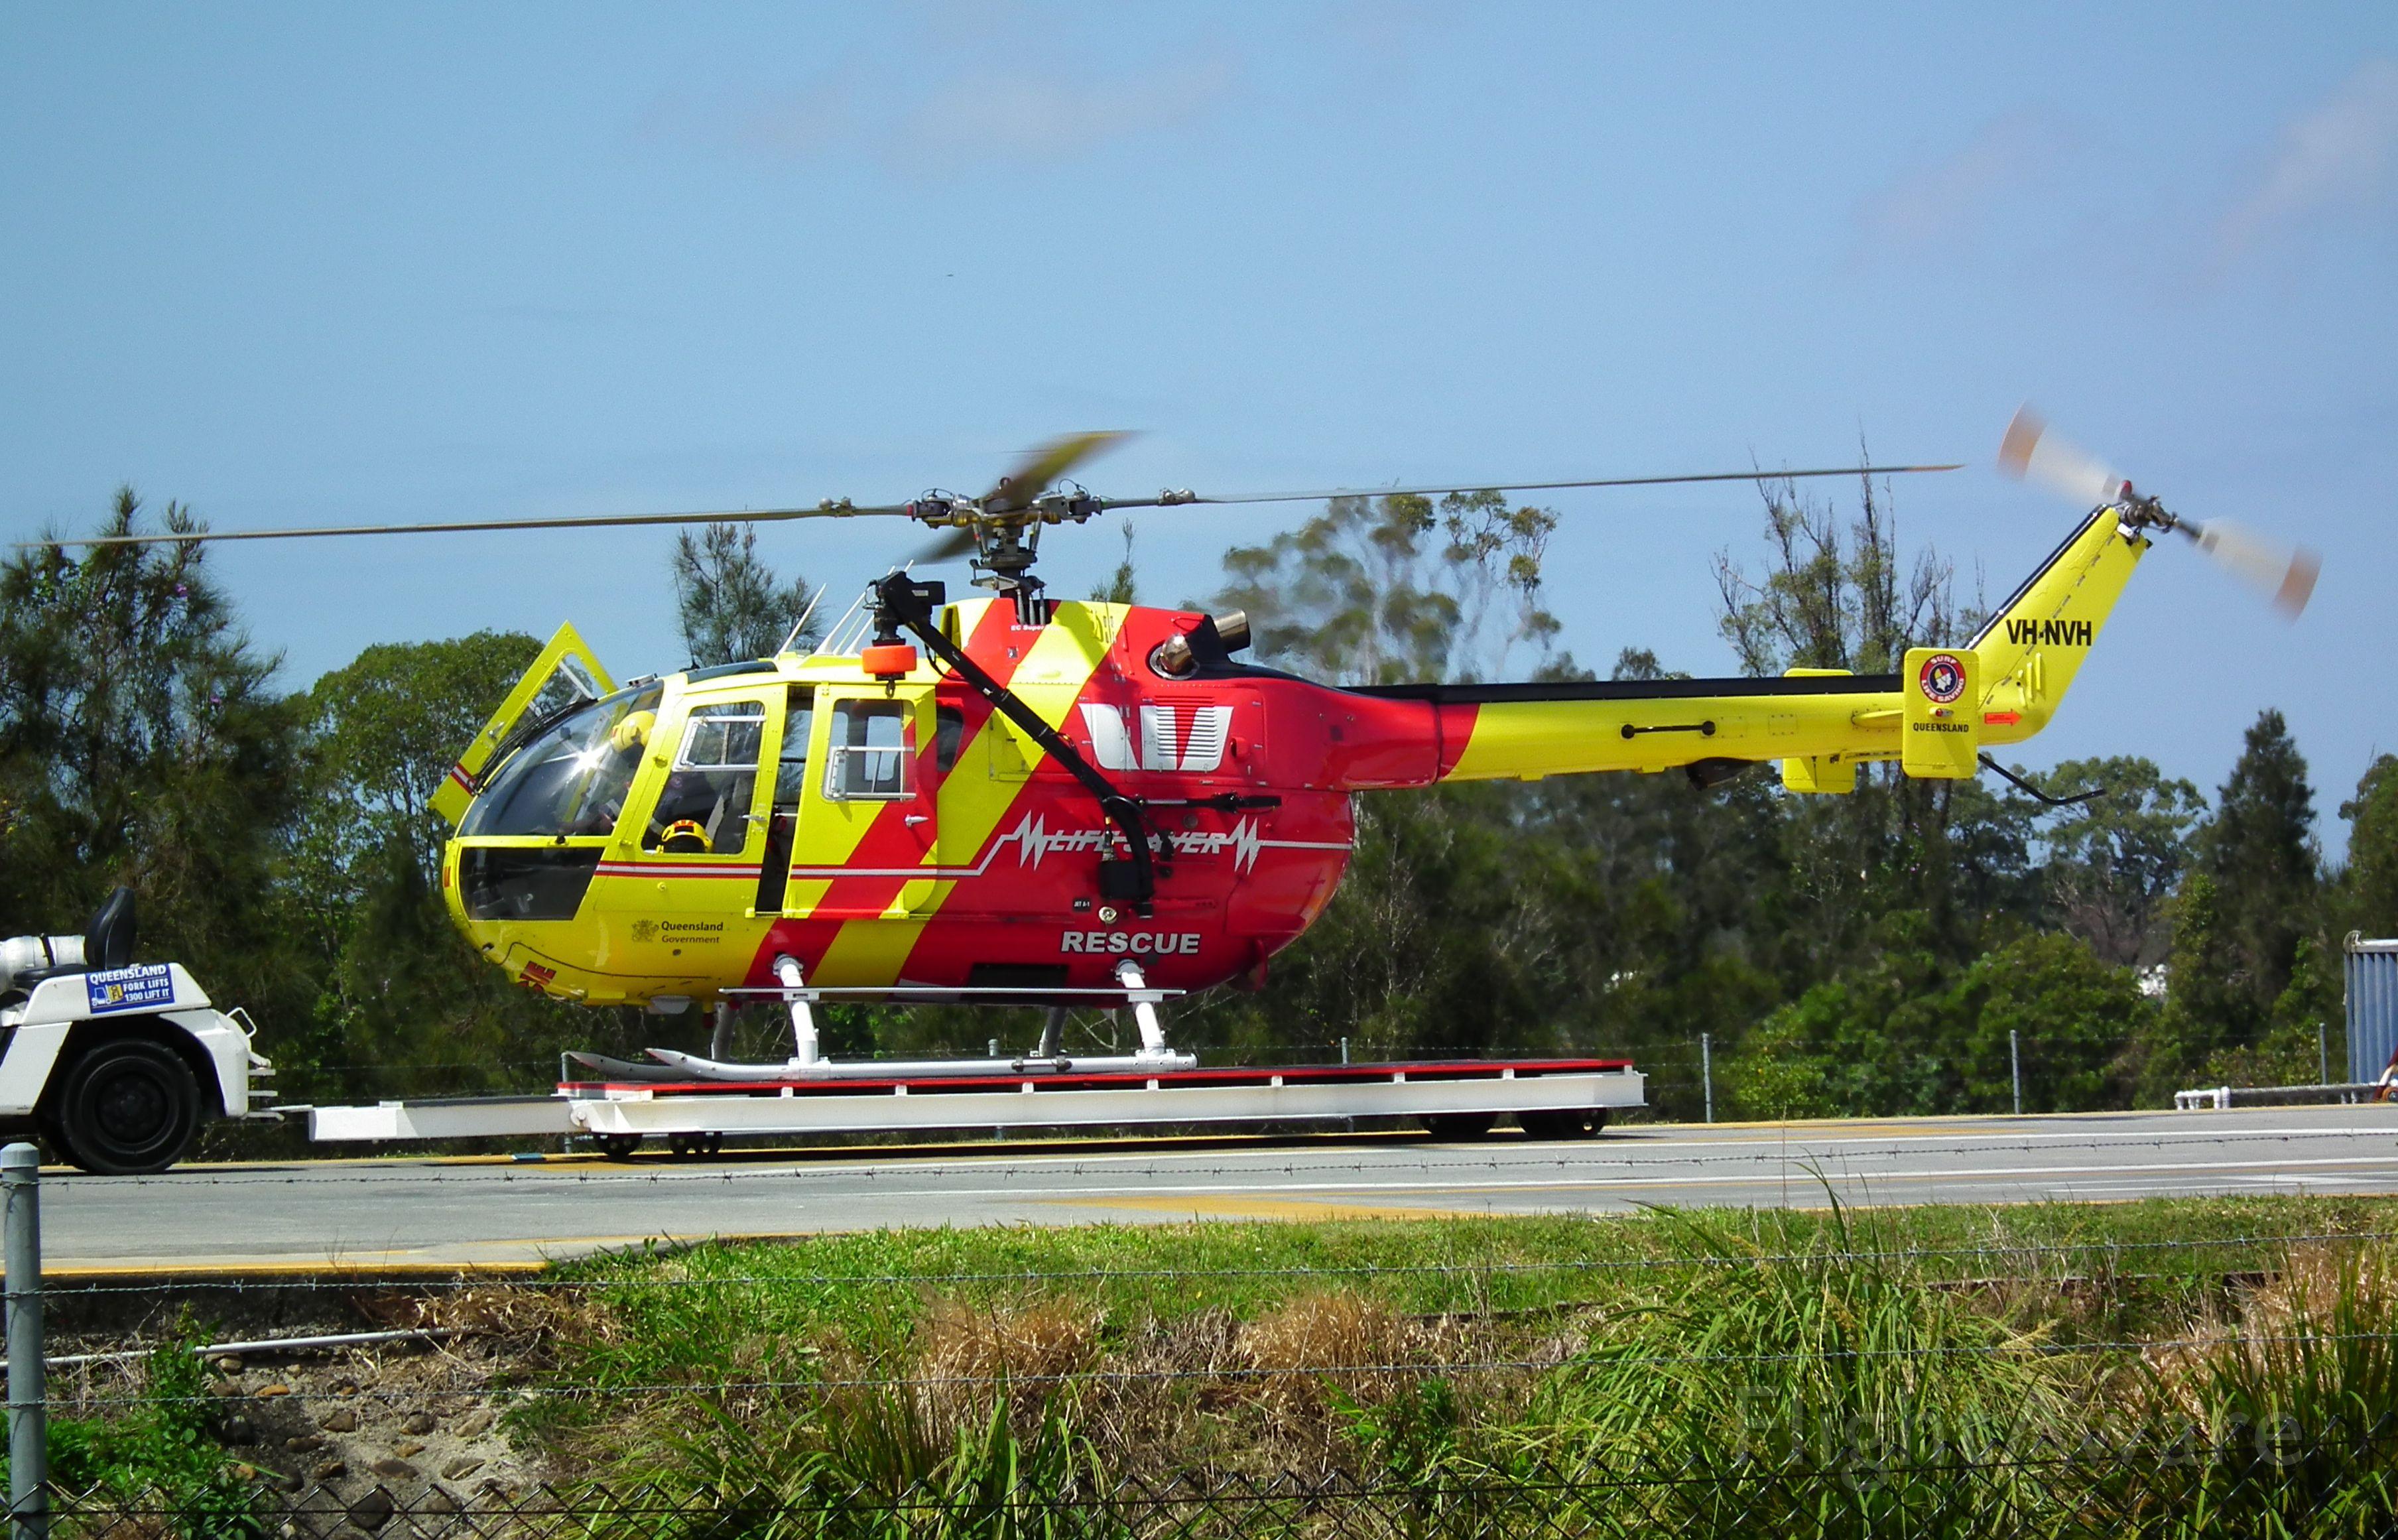 Eurocopter EC-635 (VH-NVH)